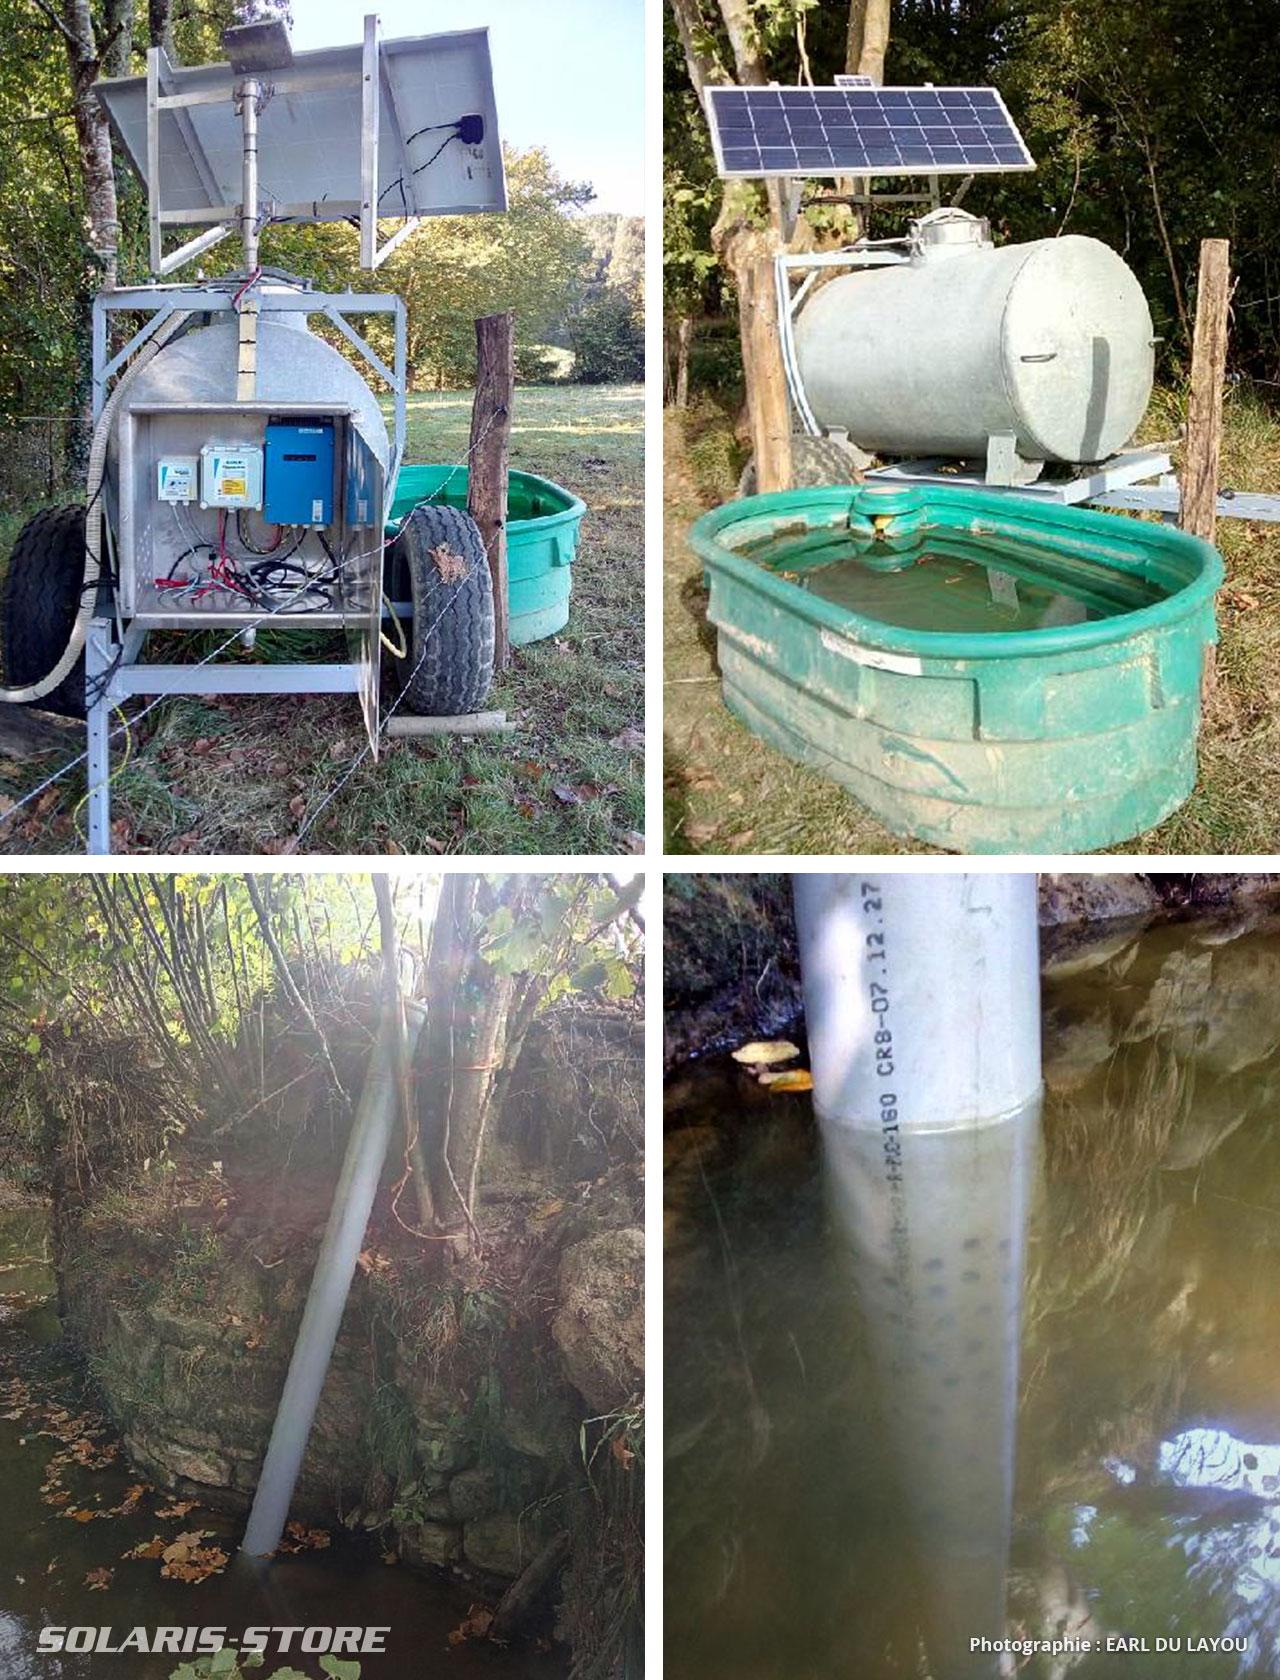 Pompage solaire dans une rivière pour remplir une cuve et un abreuvoir déporté pour le troupeau